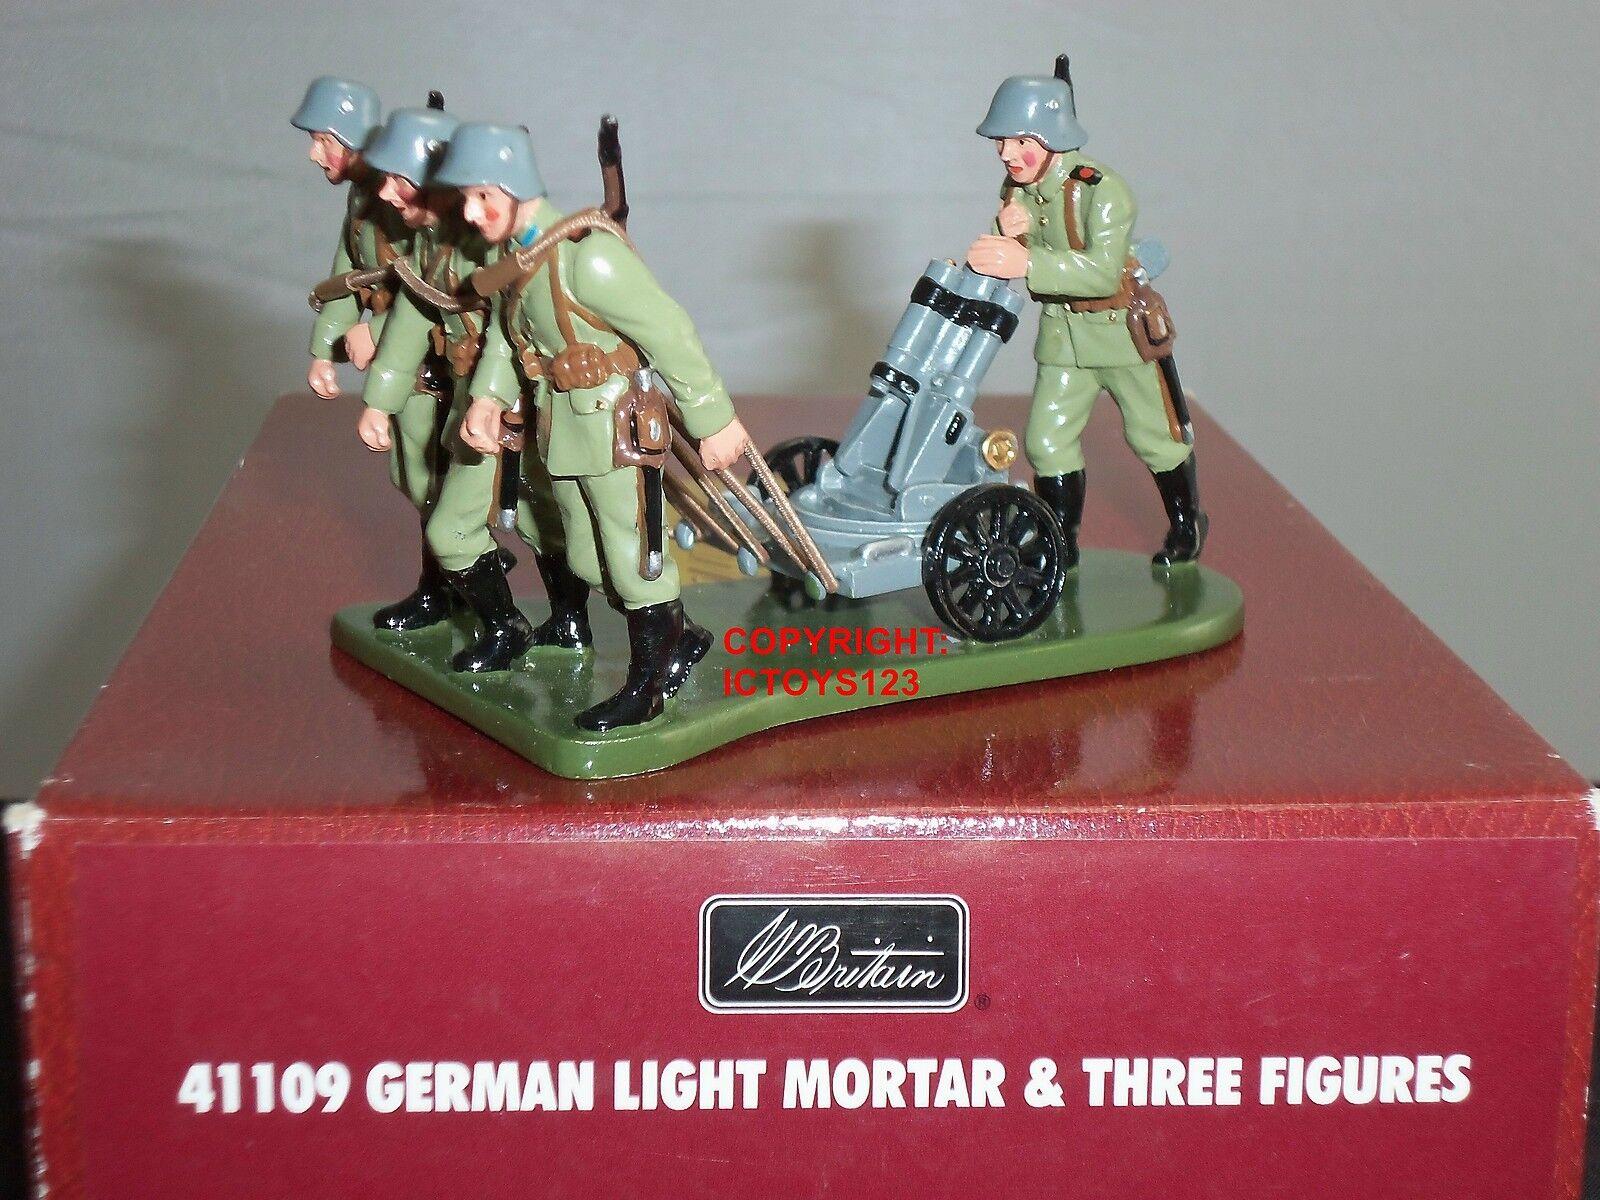 Britains Britains Britains 41109 gerFemme light mortar gun  ras du cou métal WW1 toy soldier figure set   La Conception Professionnelle  7f7906